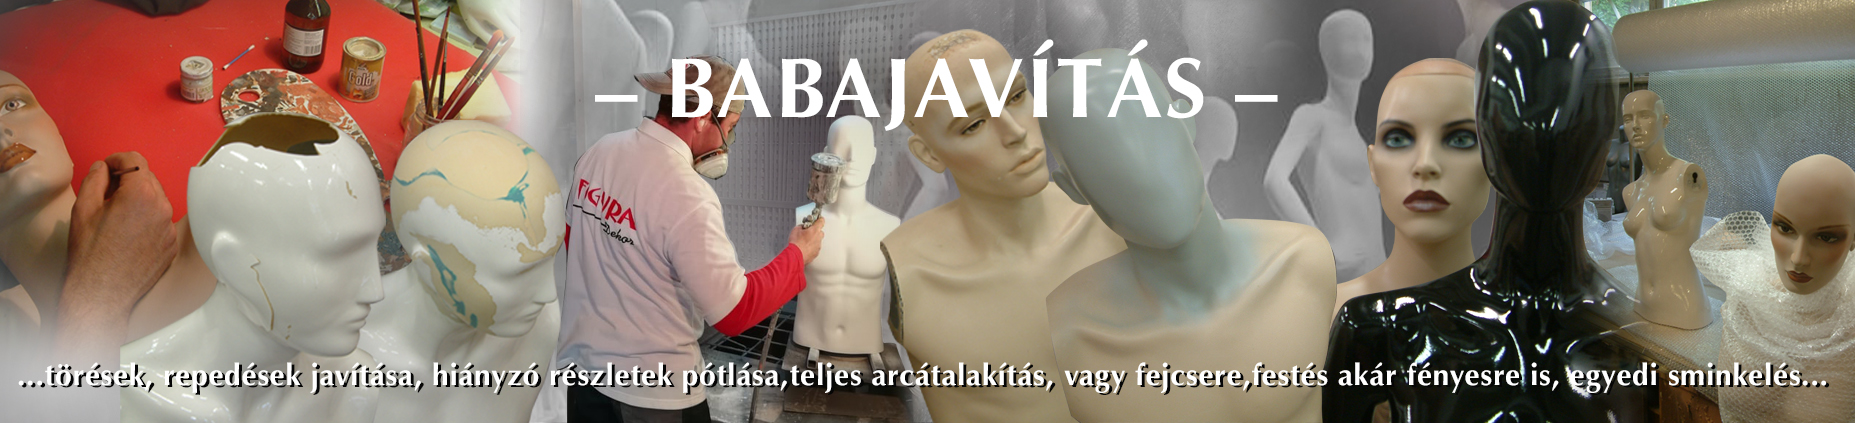 BABAJAVITAS 2